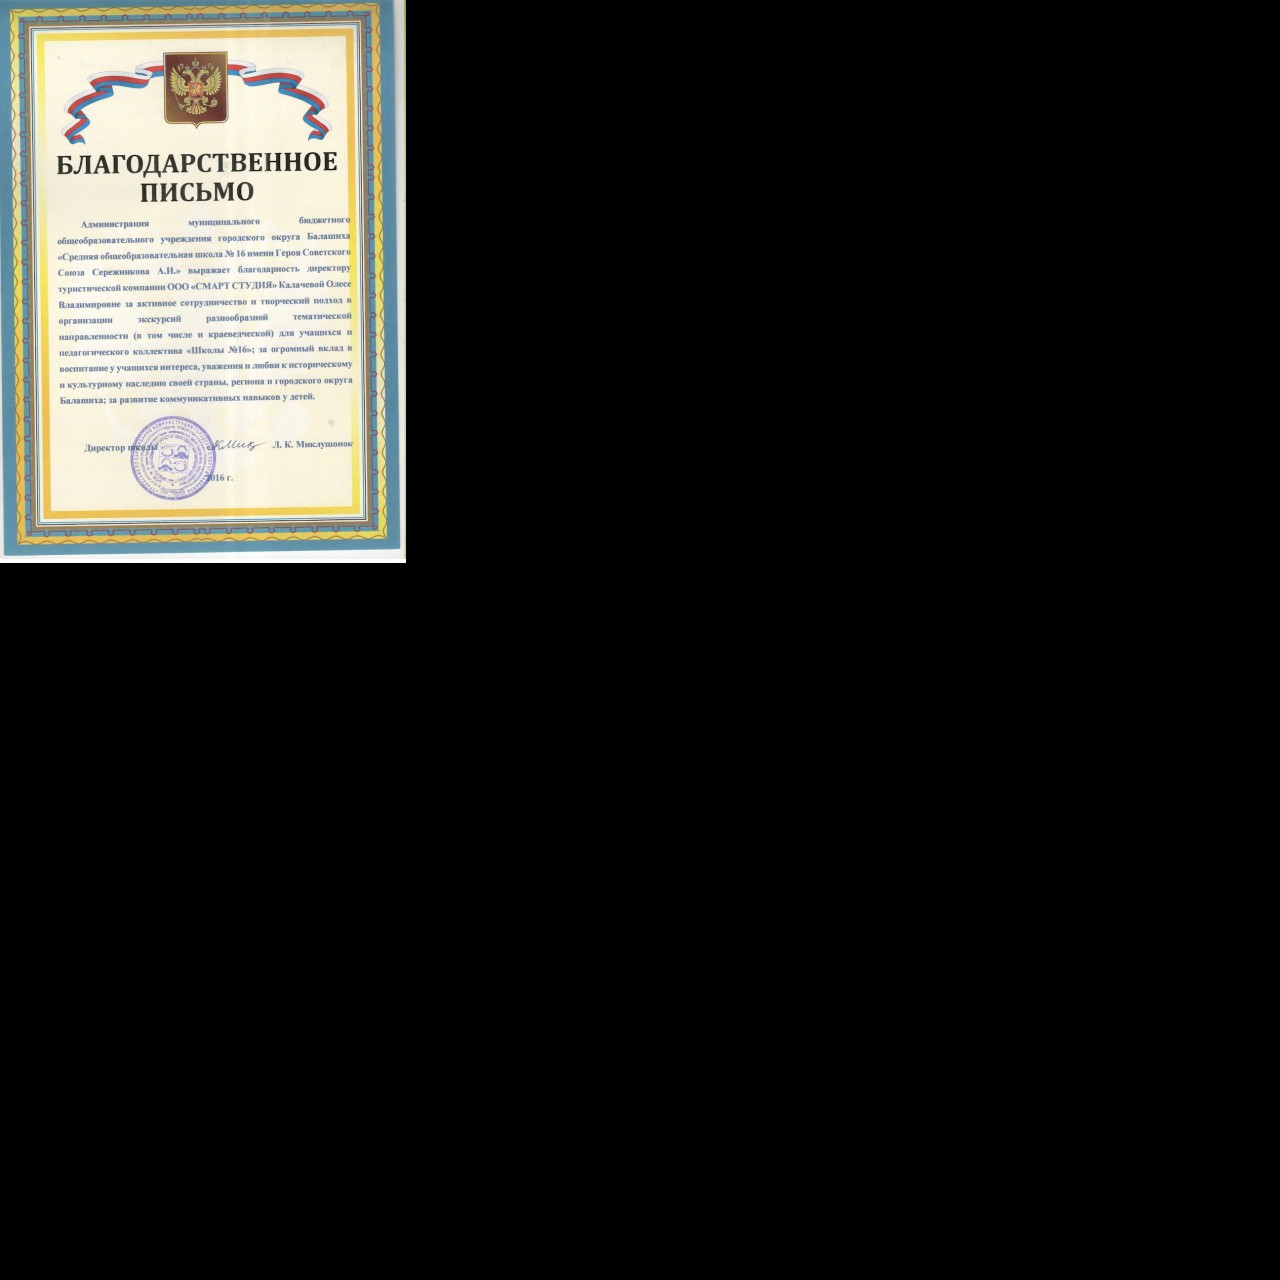 Благодарственное письмо от МБОУ школа №16